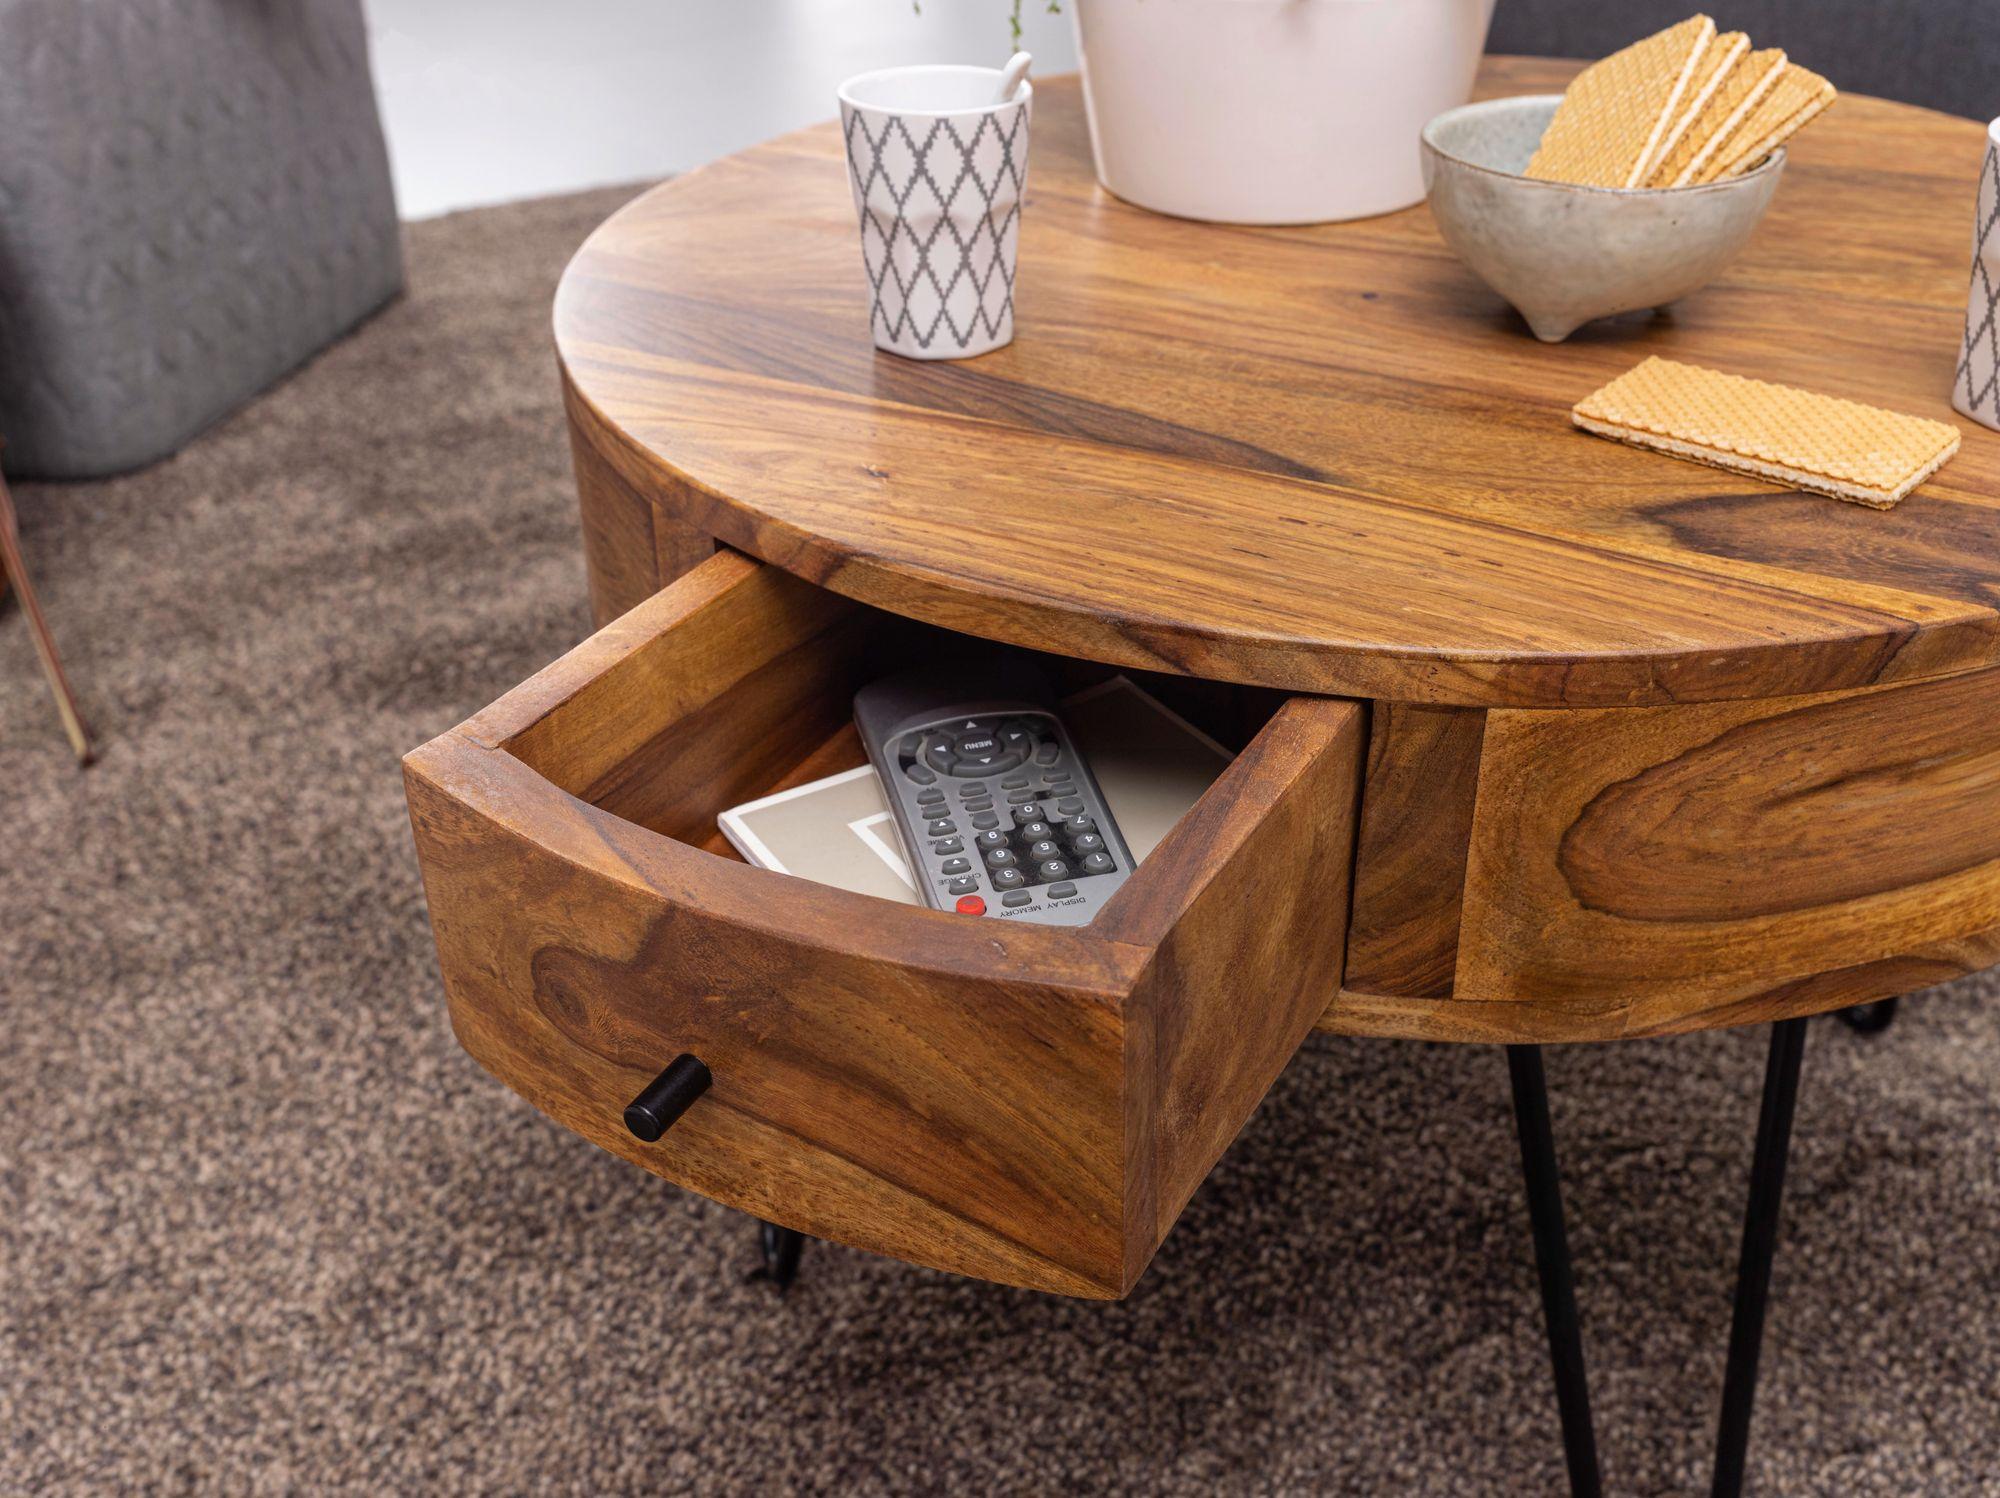 Finebuy Couchtisch Massivholz 60 Cm Wohnzimmertisch Rund Sofatisch Tisch Ablage Ebay